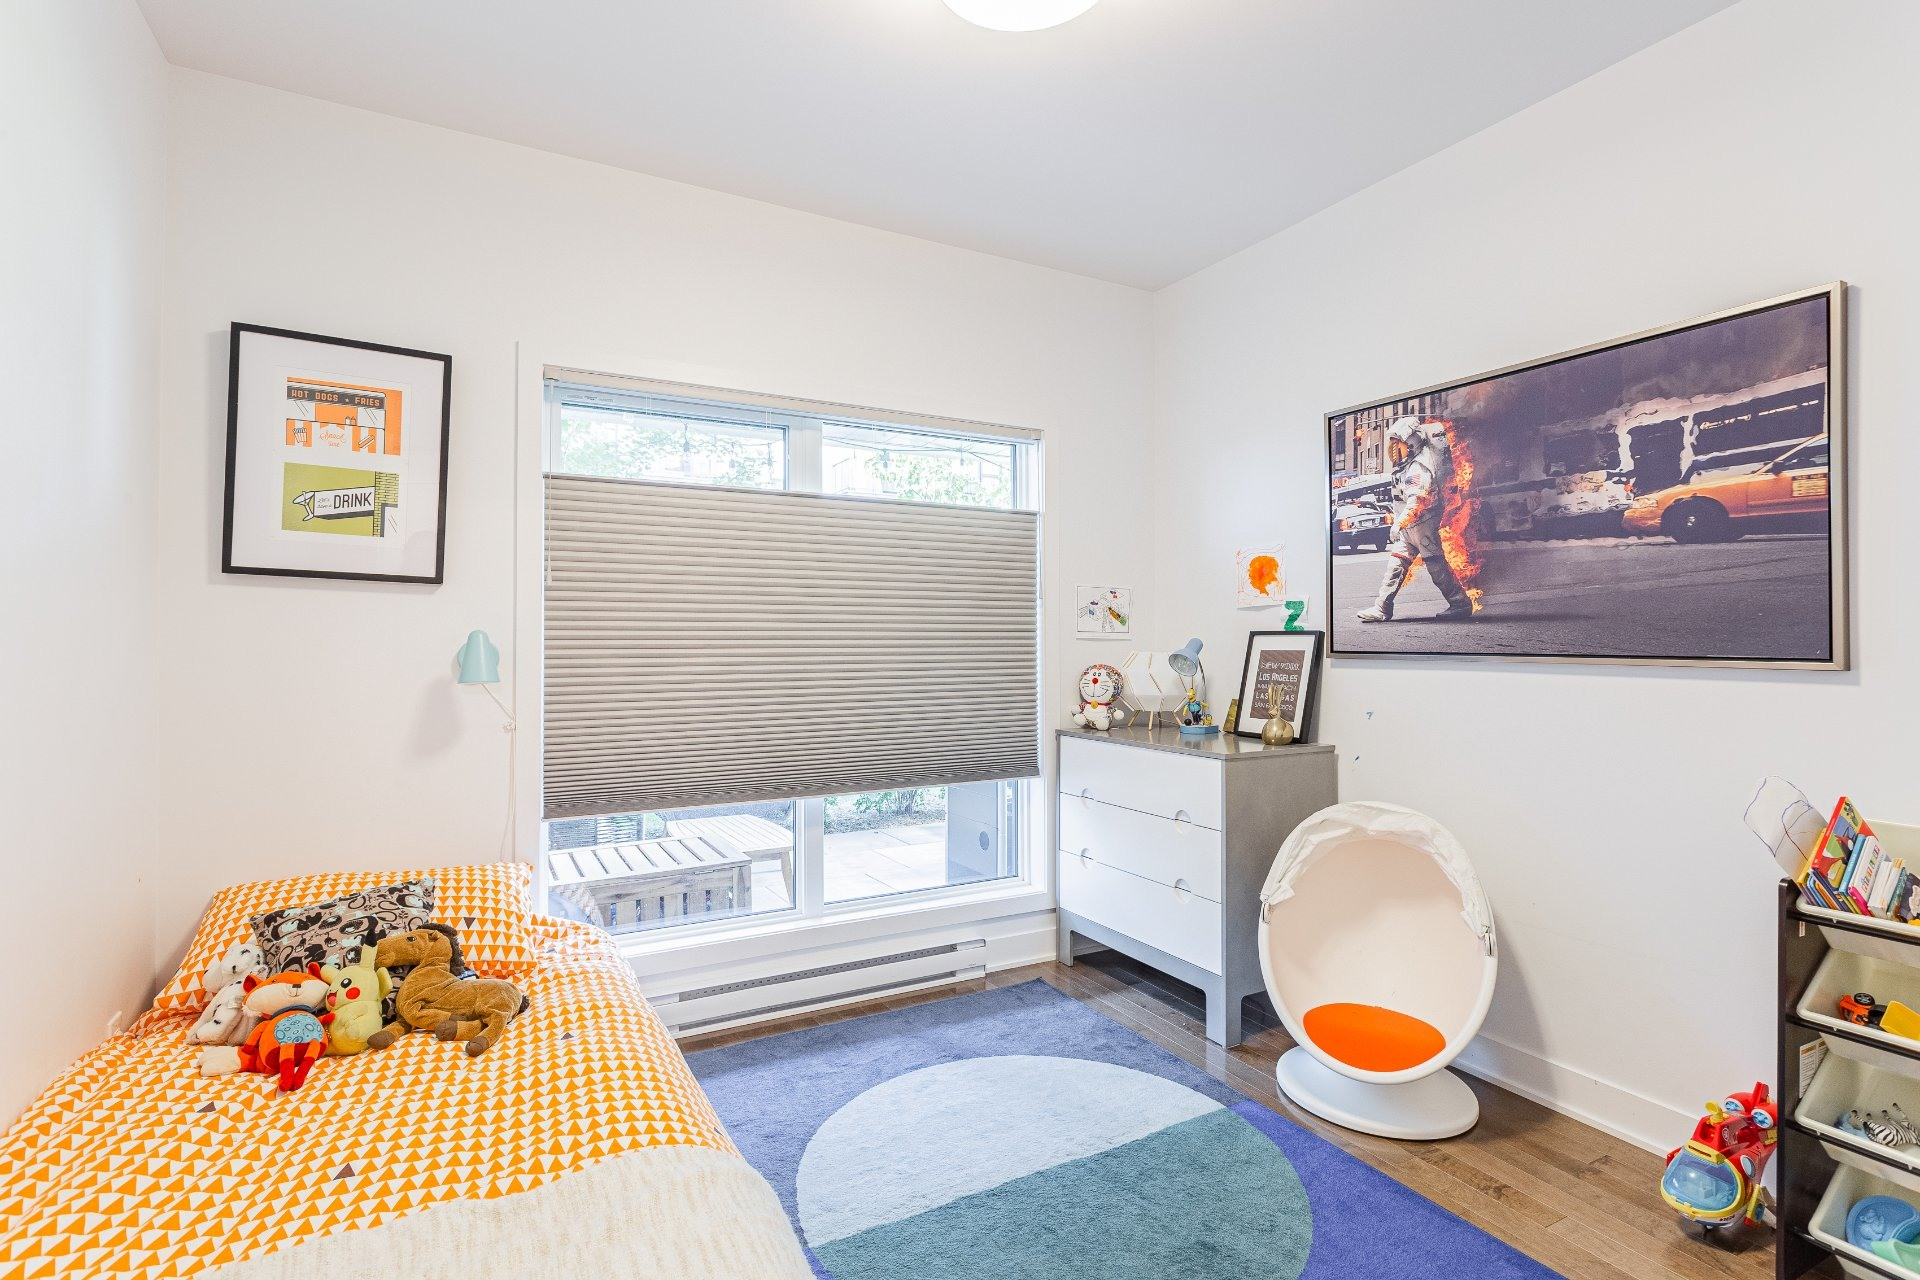 image 11 - Appartement À louer Rosemont/La Petite-Patrie Montréal  - 8 pièces